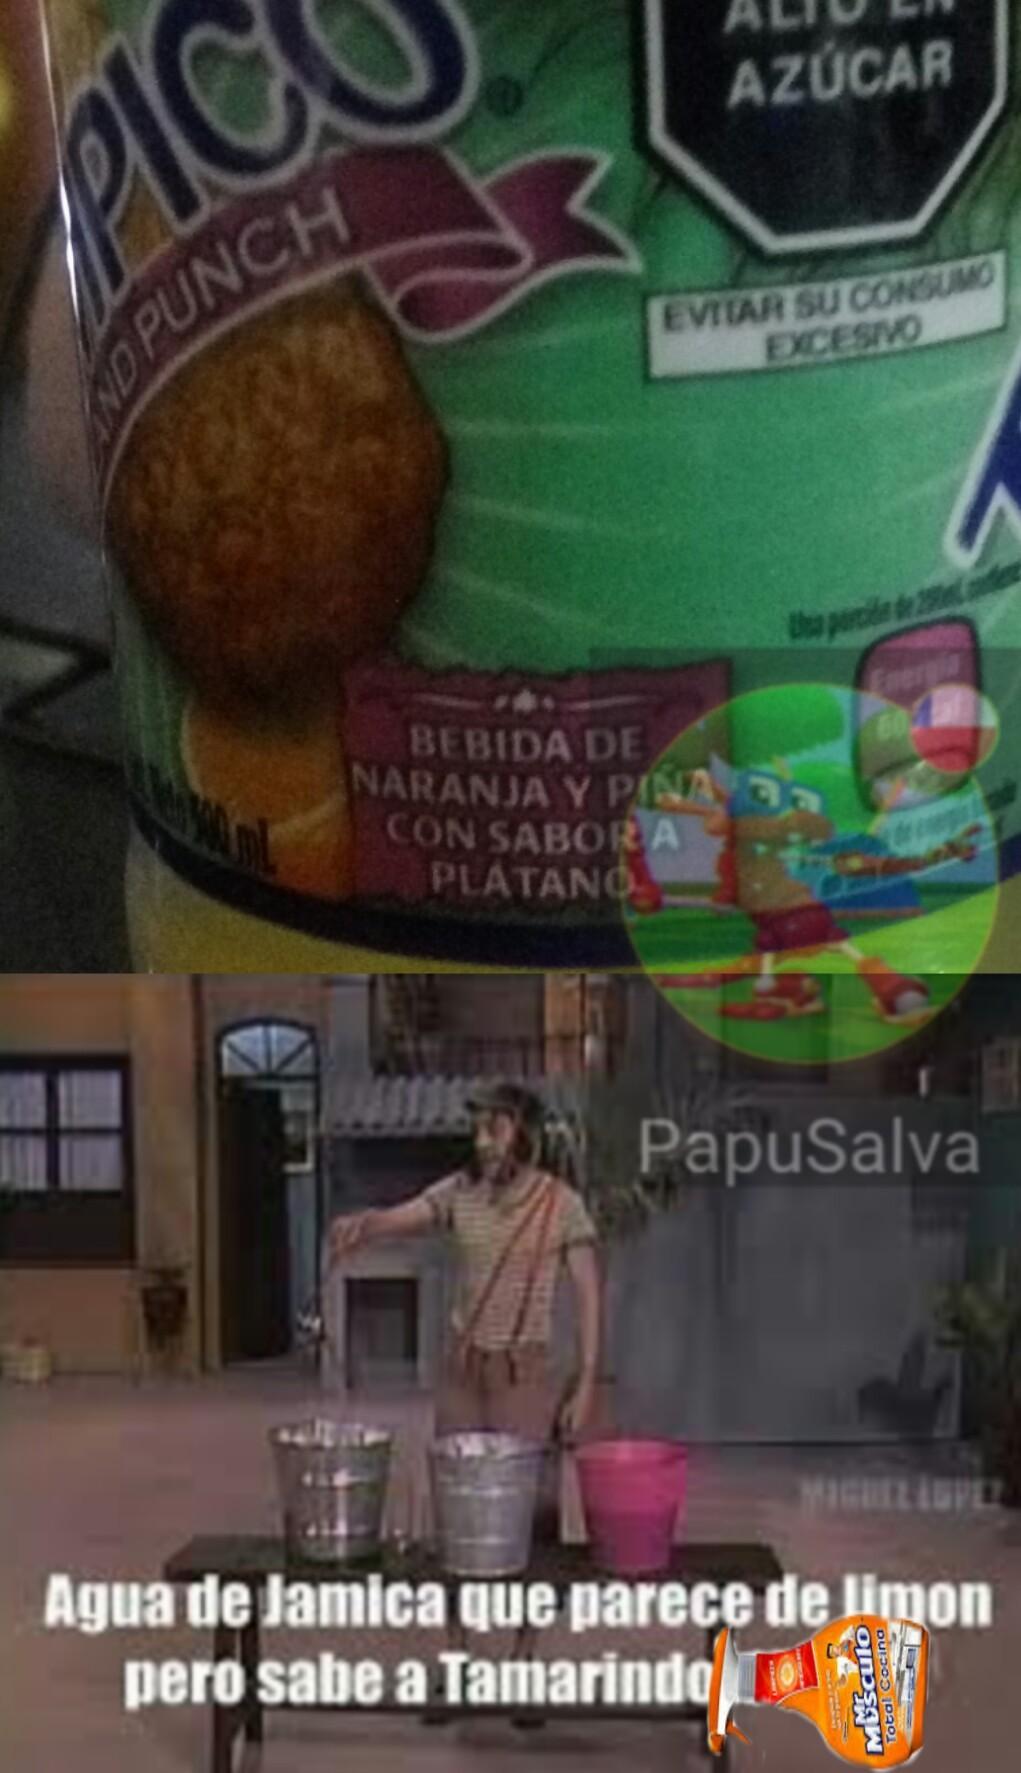 Chupalo Karol dance - meme